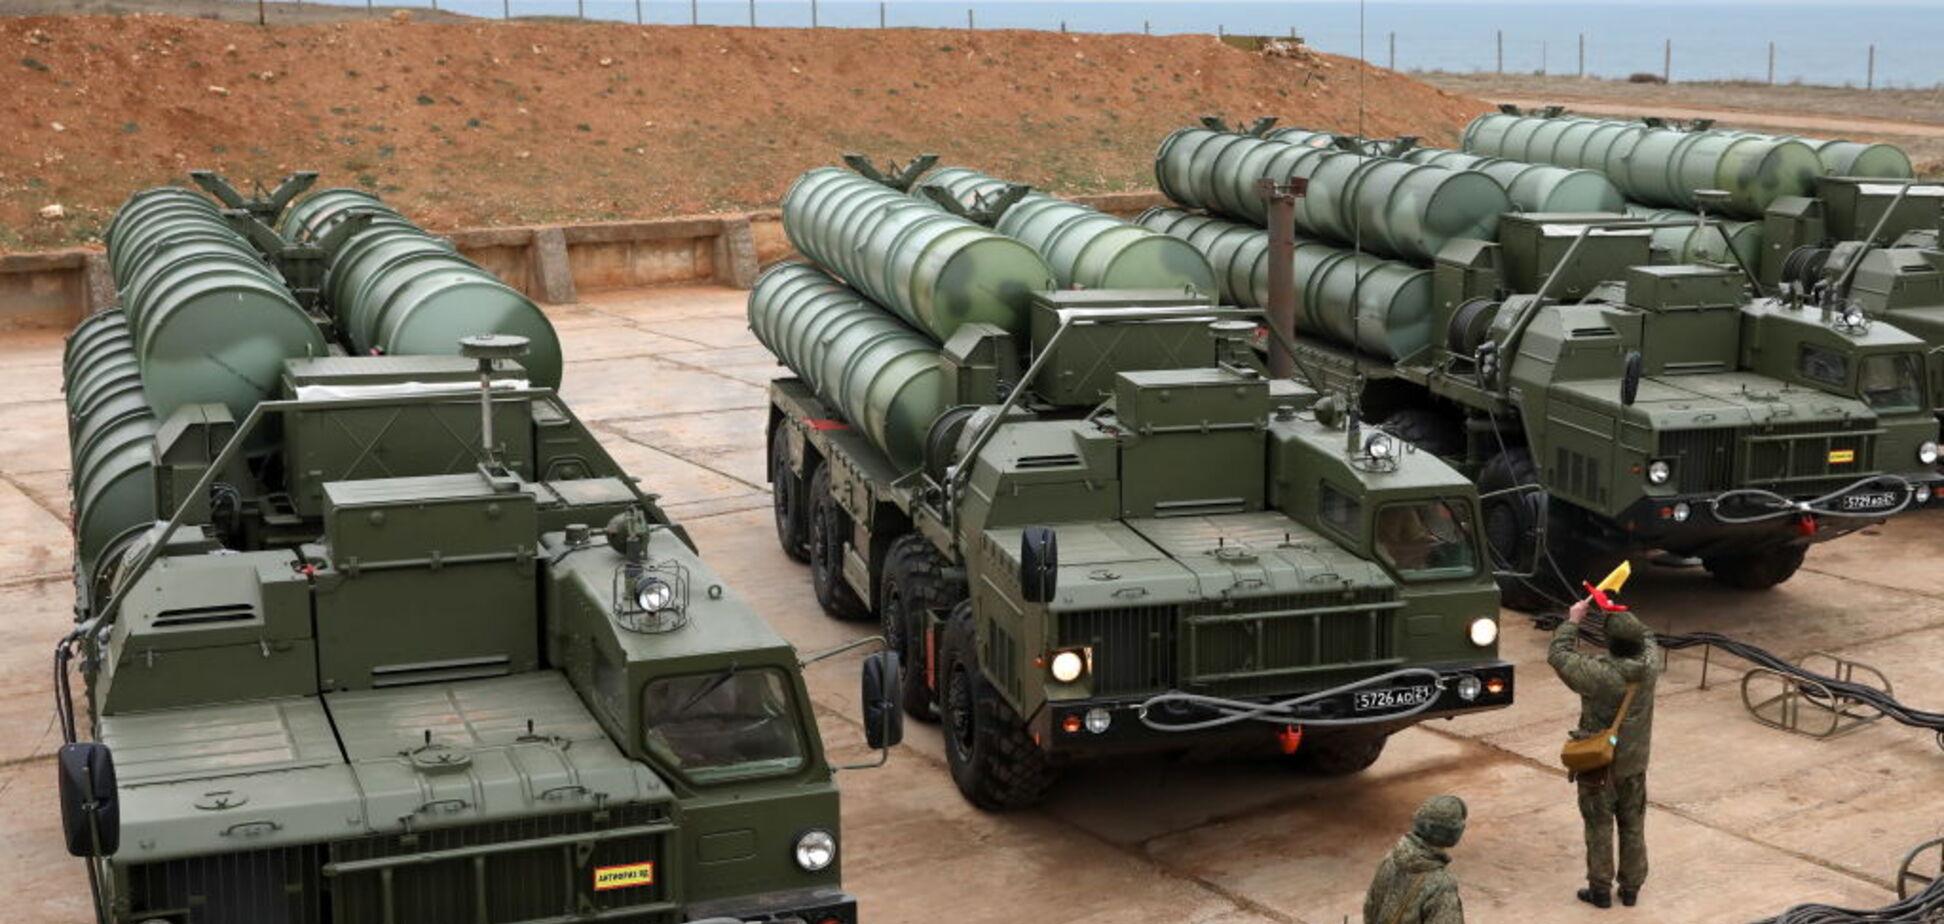 Радужные перспективы крымчан разбились о реальность - Полозов